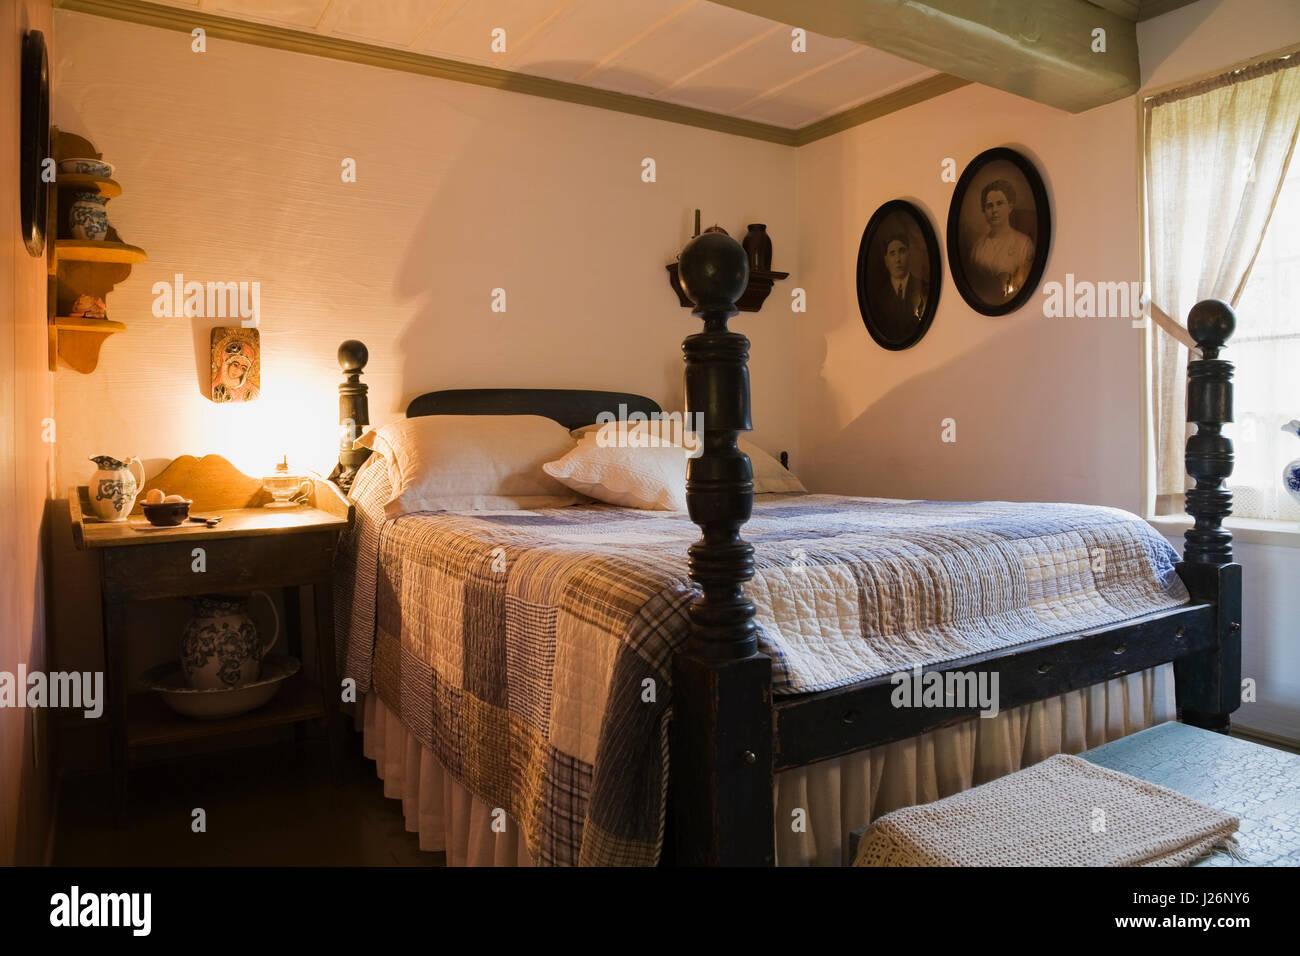 Bed Posts Stockfotos & Bed Posts Bilder - Alamy